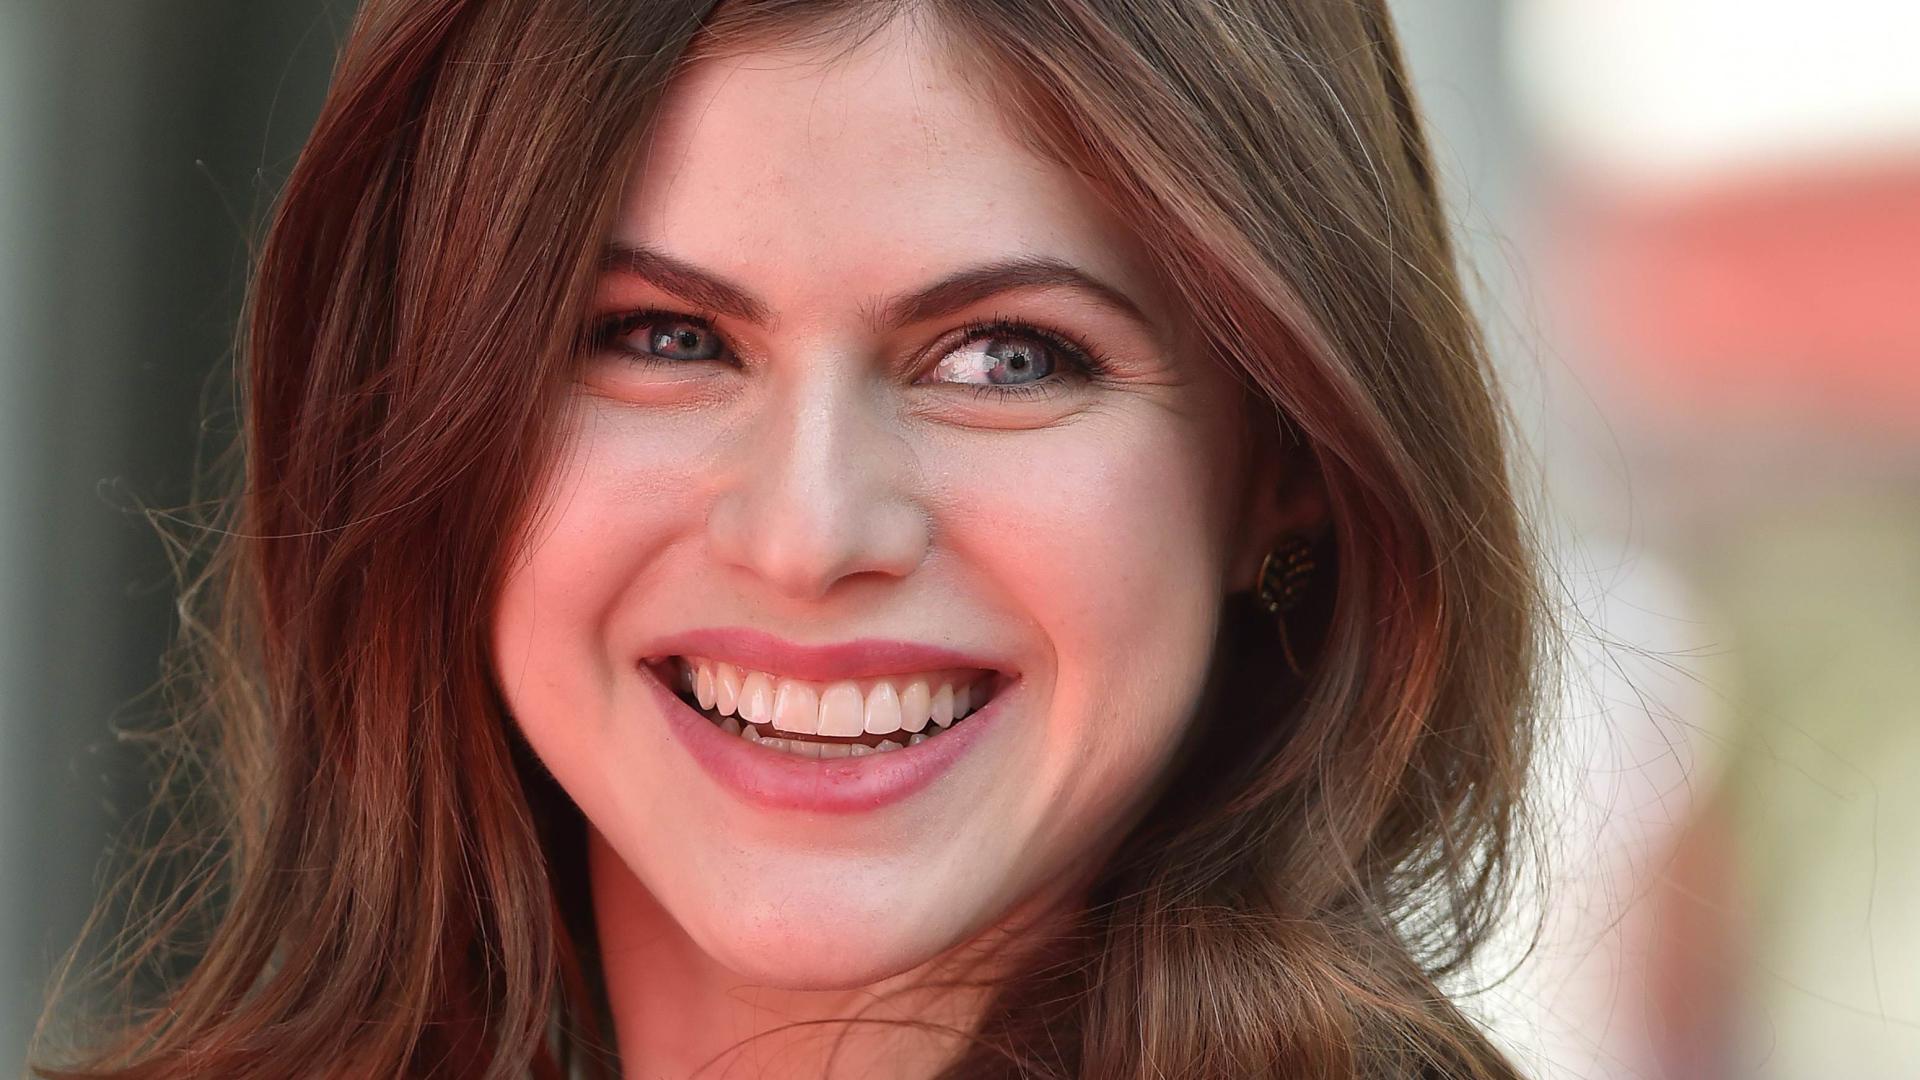 A Sweet Smile Of The Actress Alexandra Daddario Desktop